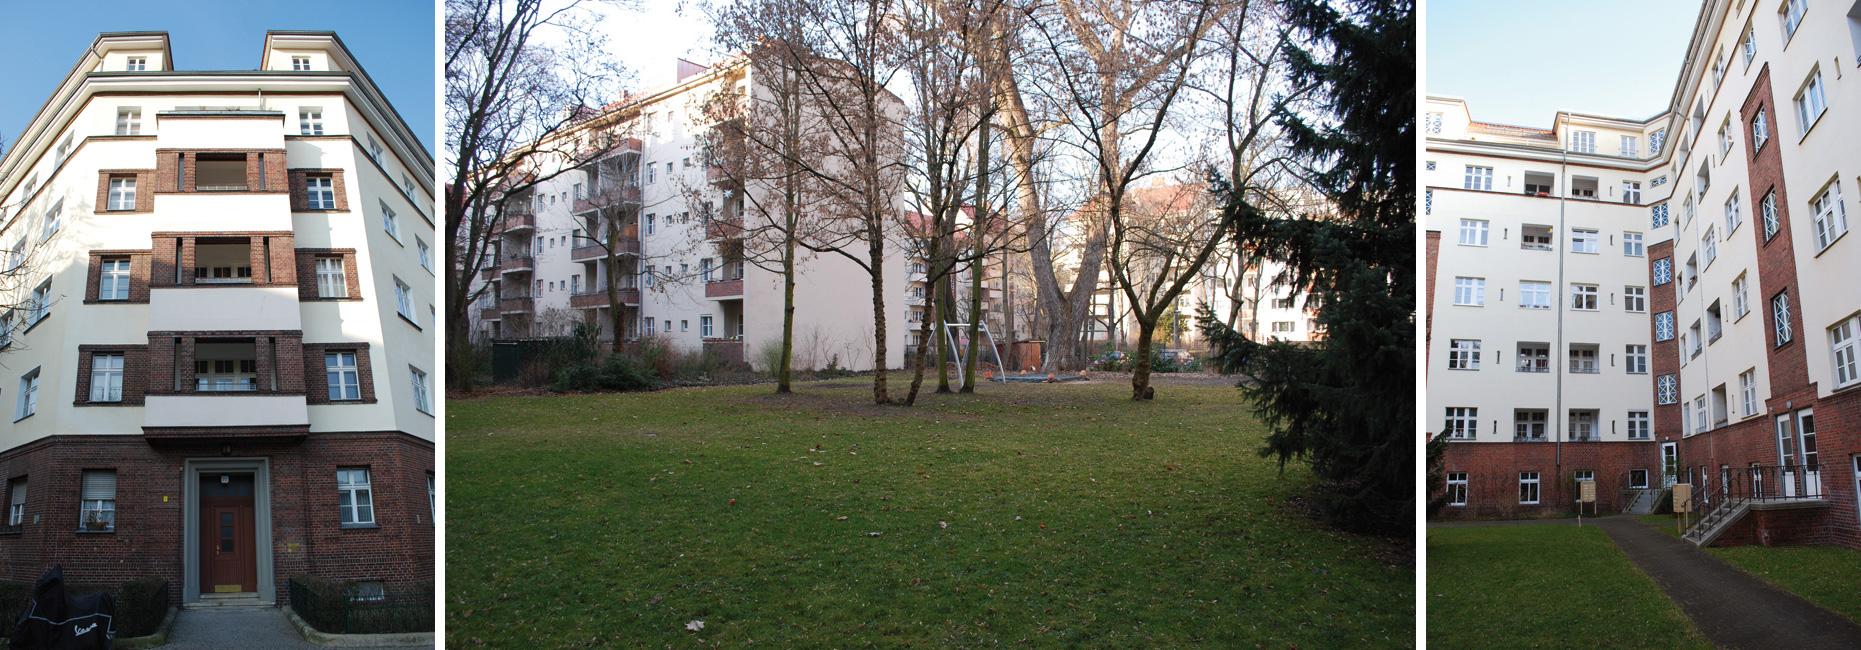 BVBI_Penthouse_1689_Hausansichten Exquisites Penthouse in Wilmersdorf